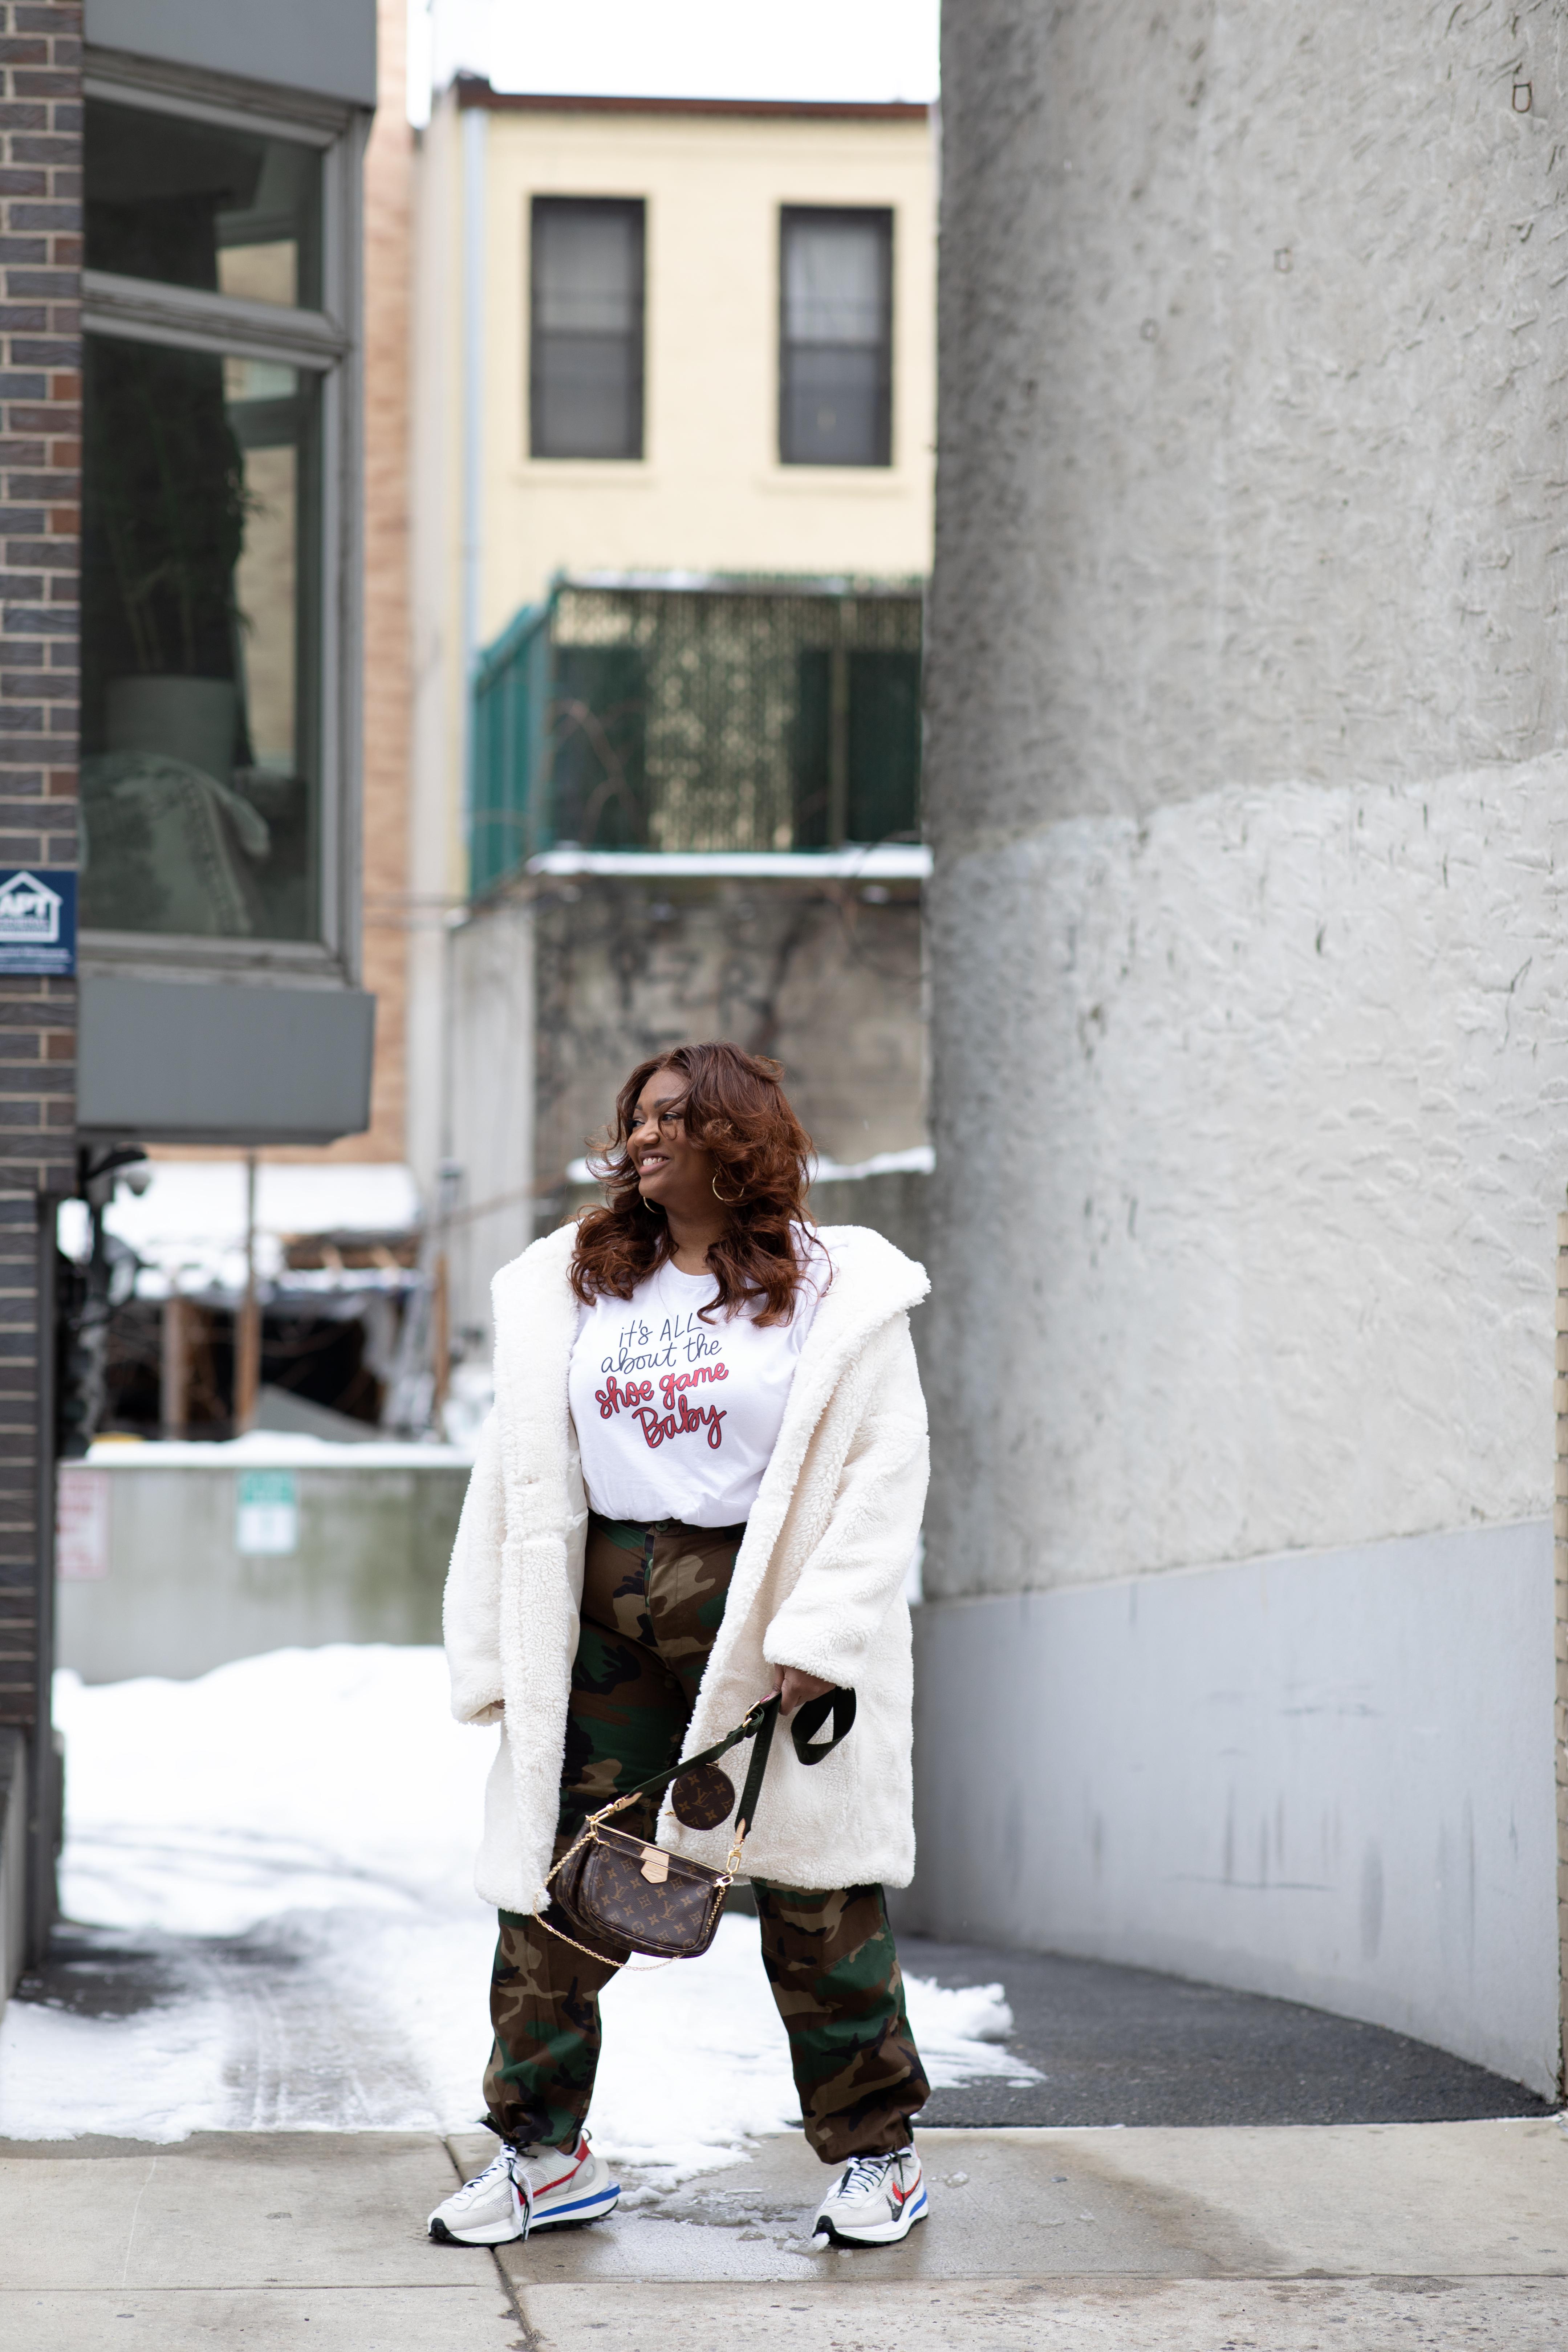 کتی الکسیس از بندهای ضخیم عکس مارتا اسکوورو